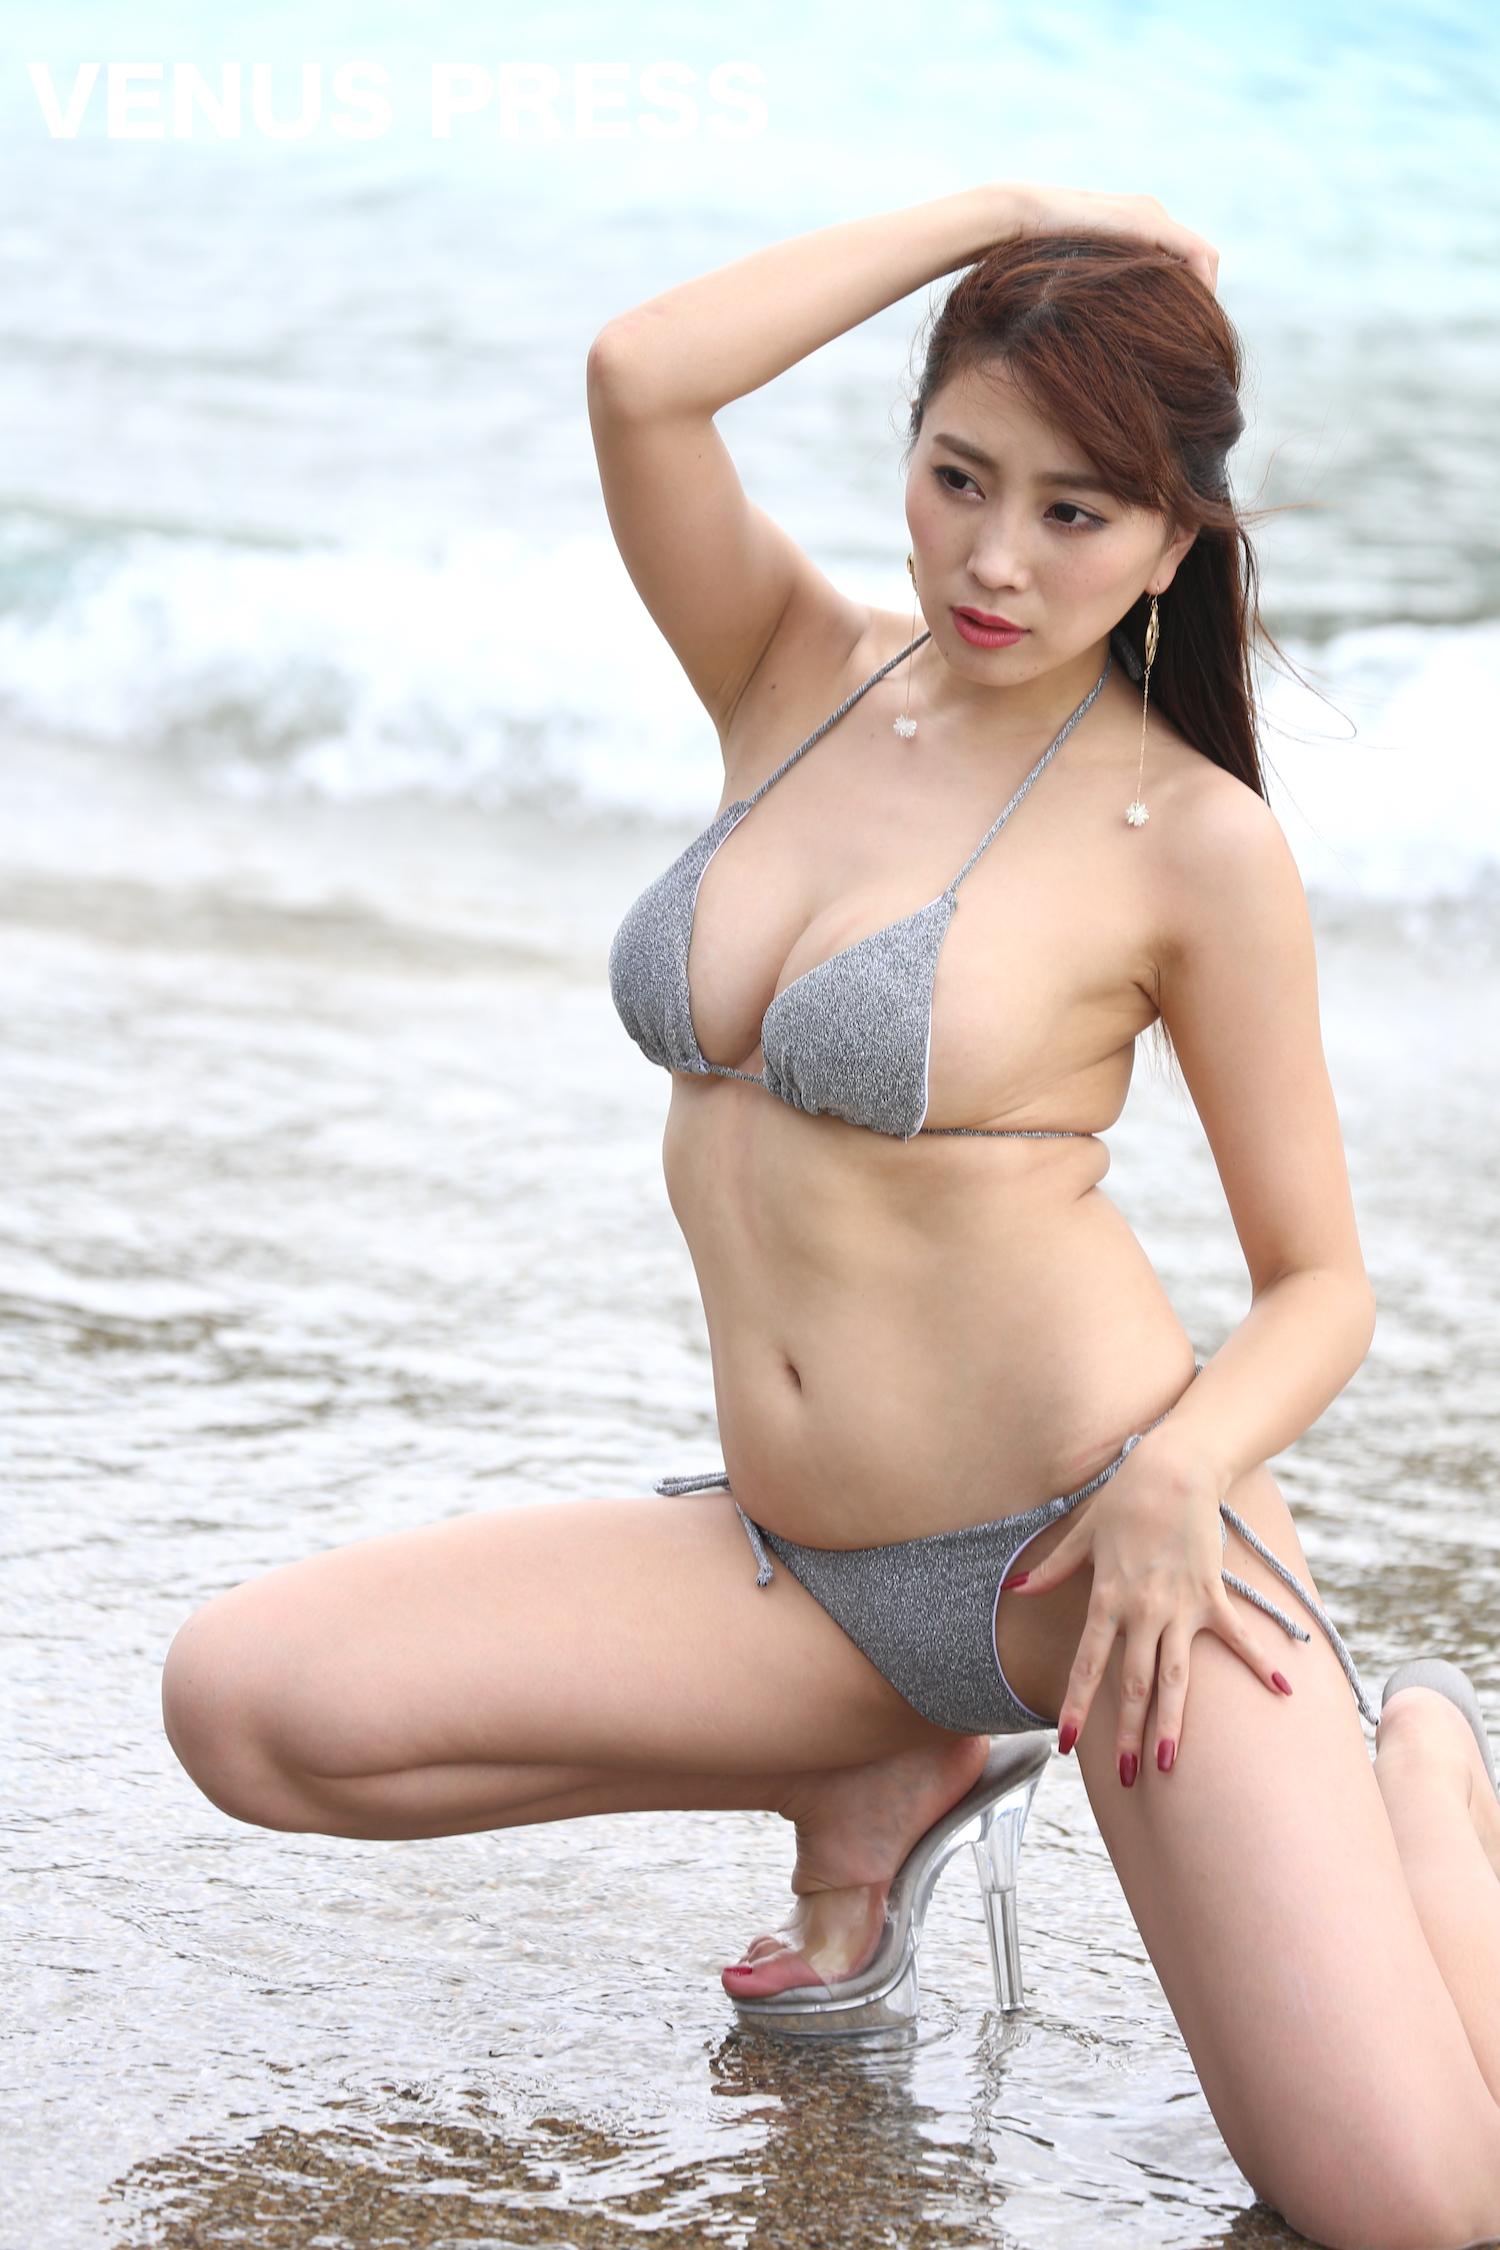 森咲智美(2019年9月23日、大磯ロングビーチにて/撮影:VENUS PRESS編集部)